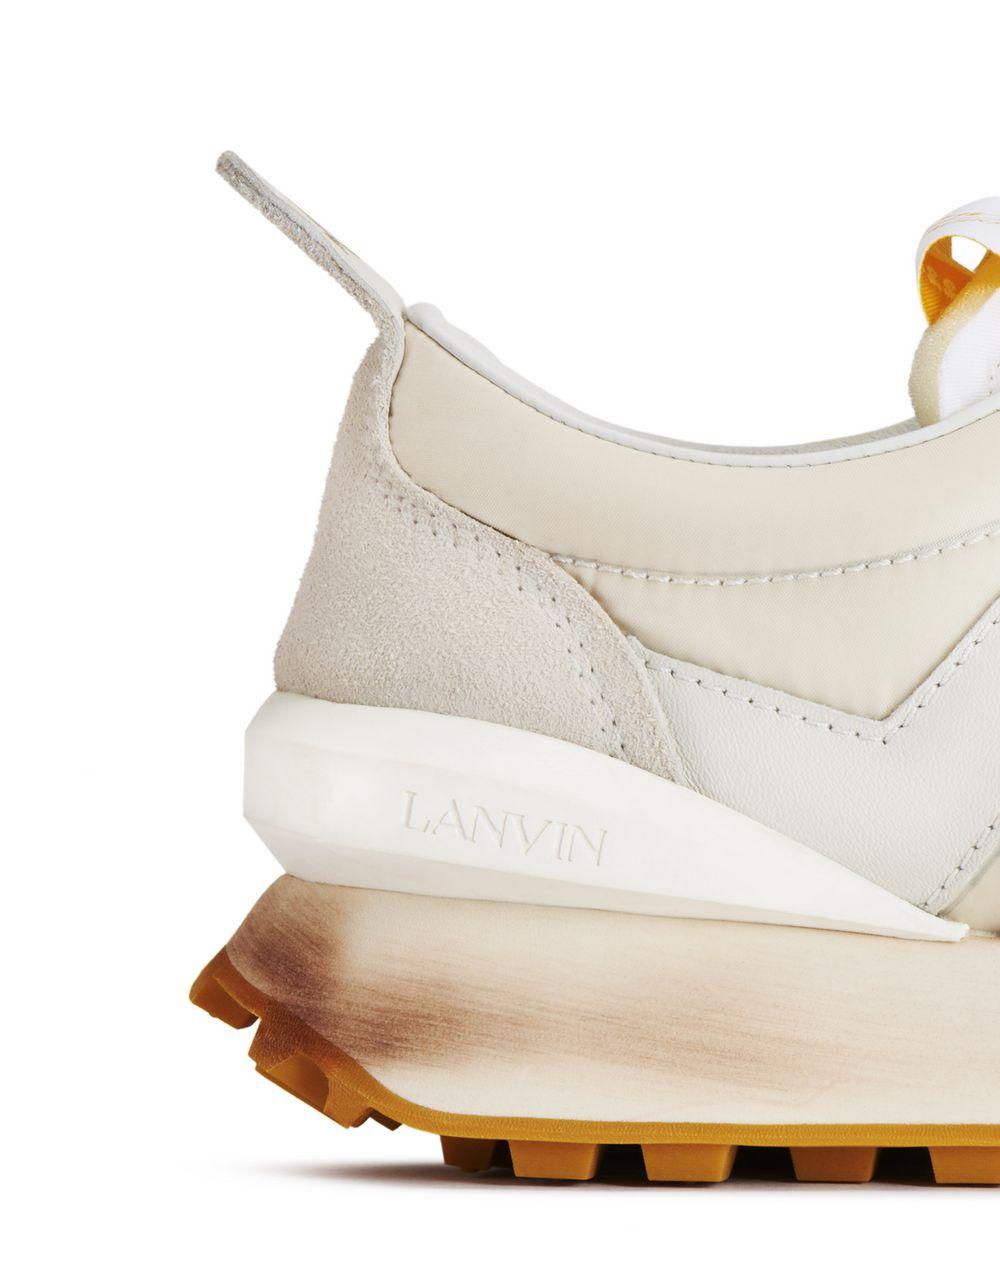 130周年 バンパー ランニング スニーカー - Lanvin